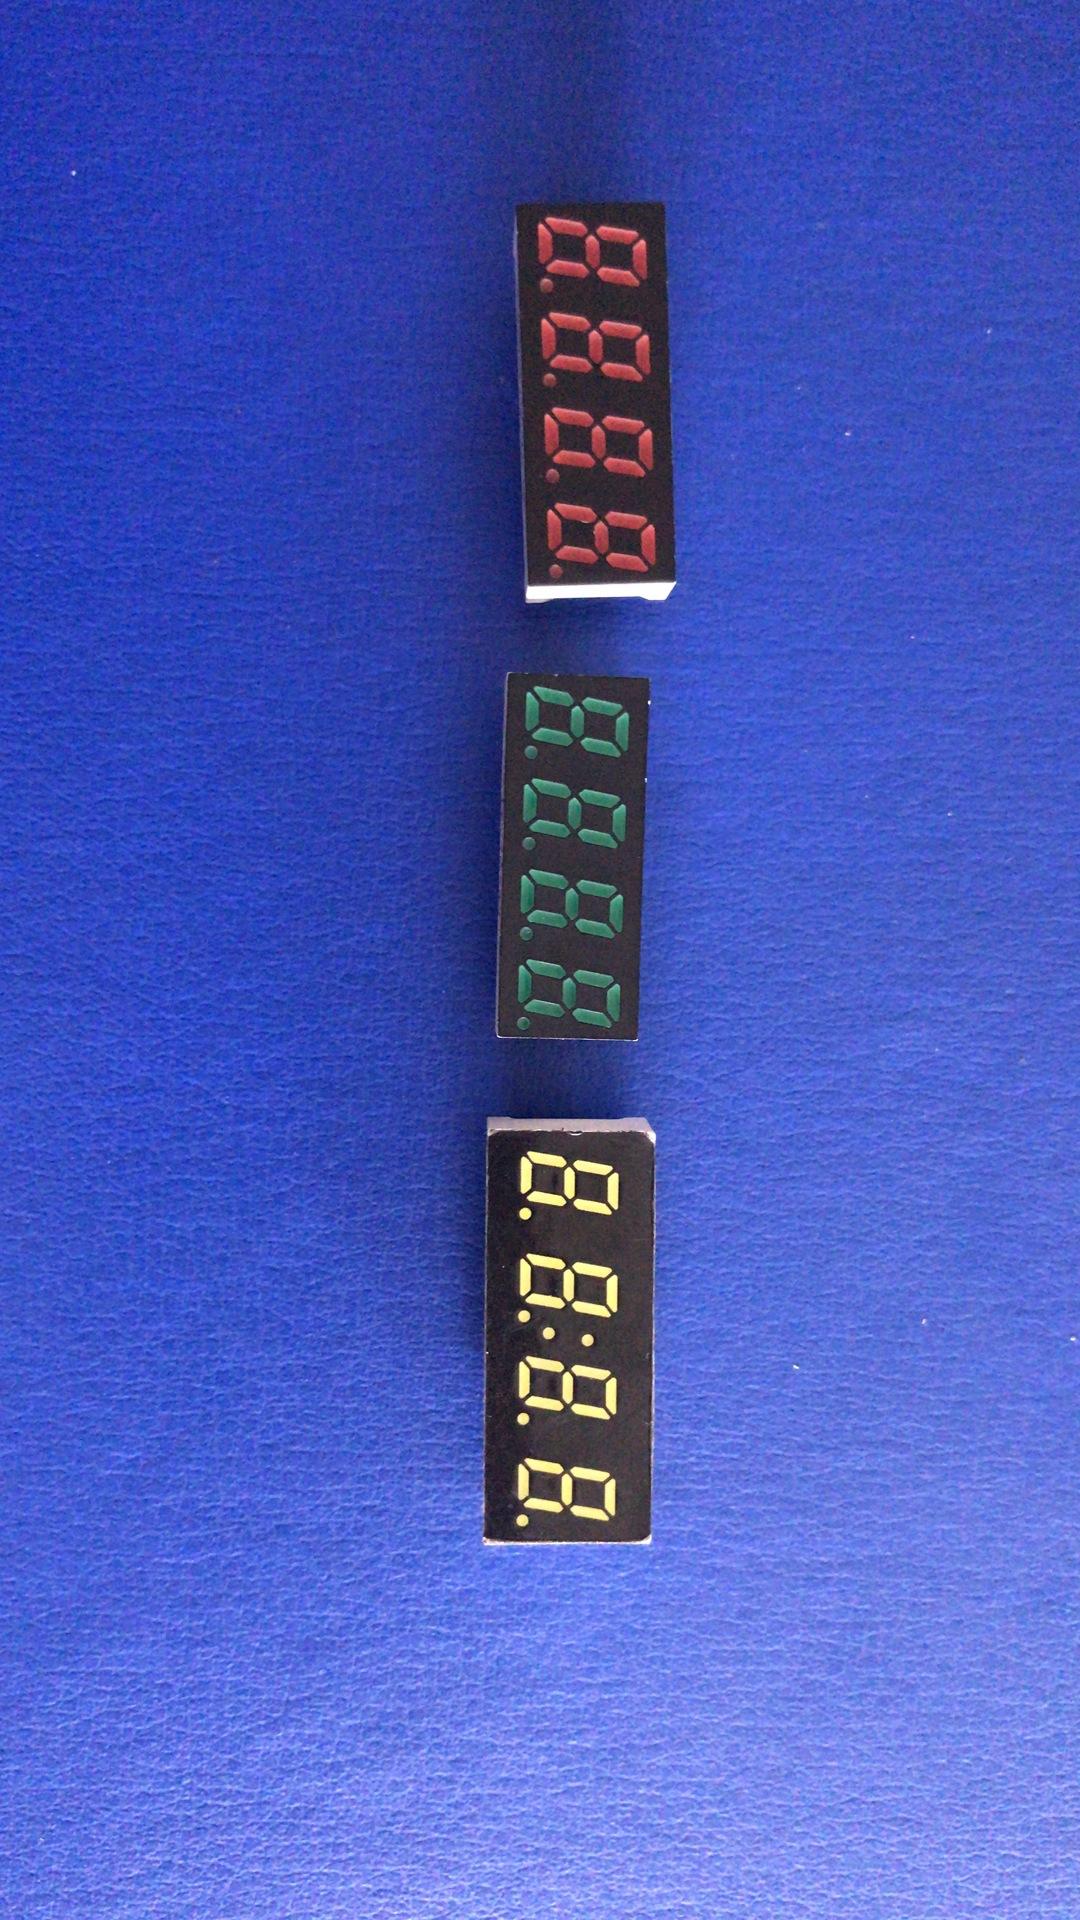 厂家供应0.3英寸四位数码管LED数码管